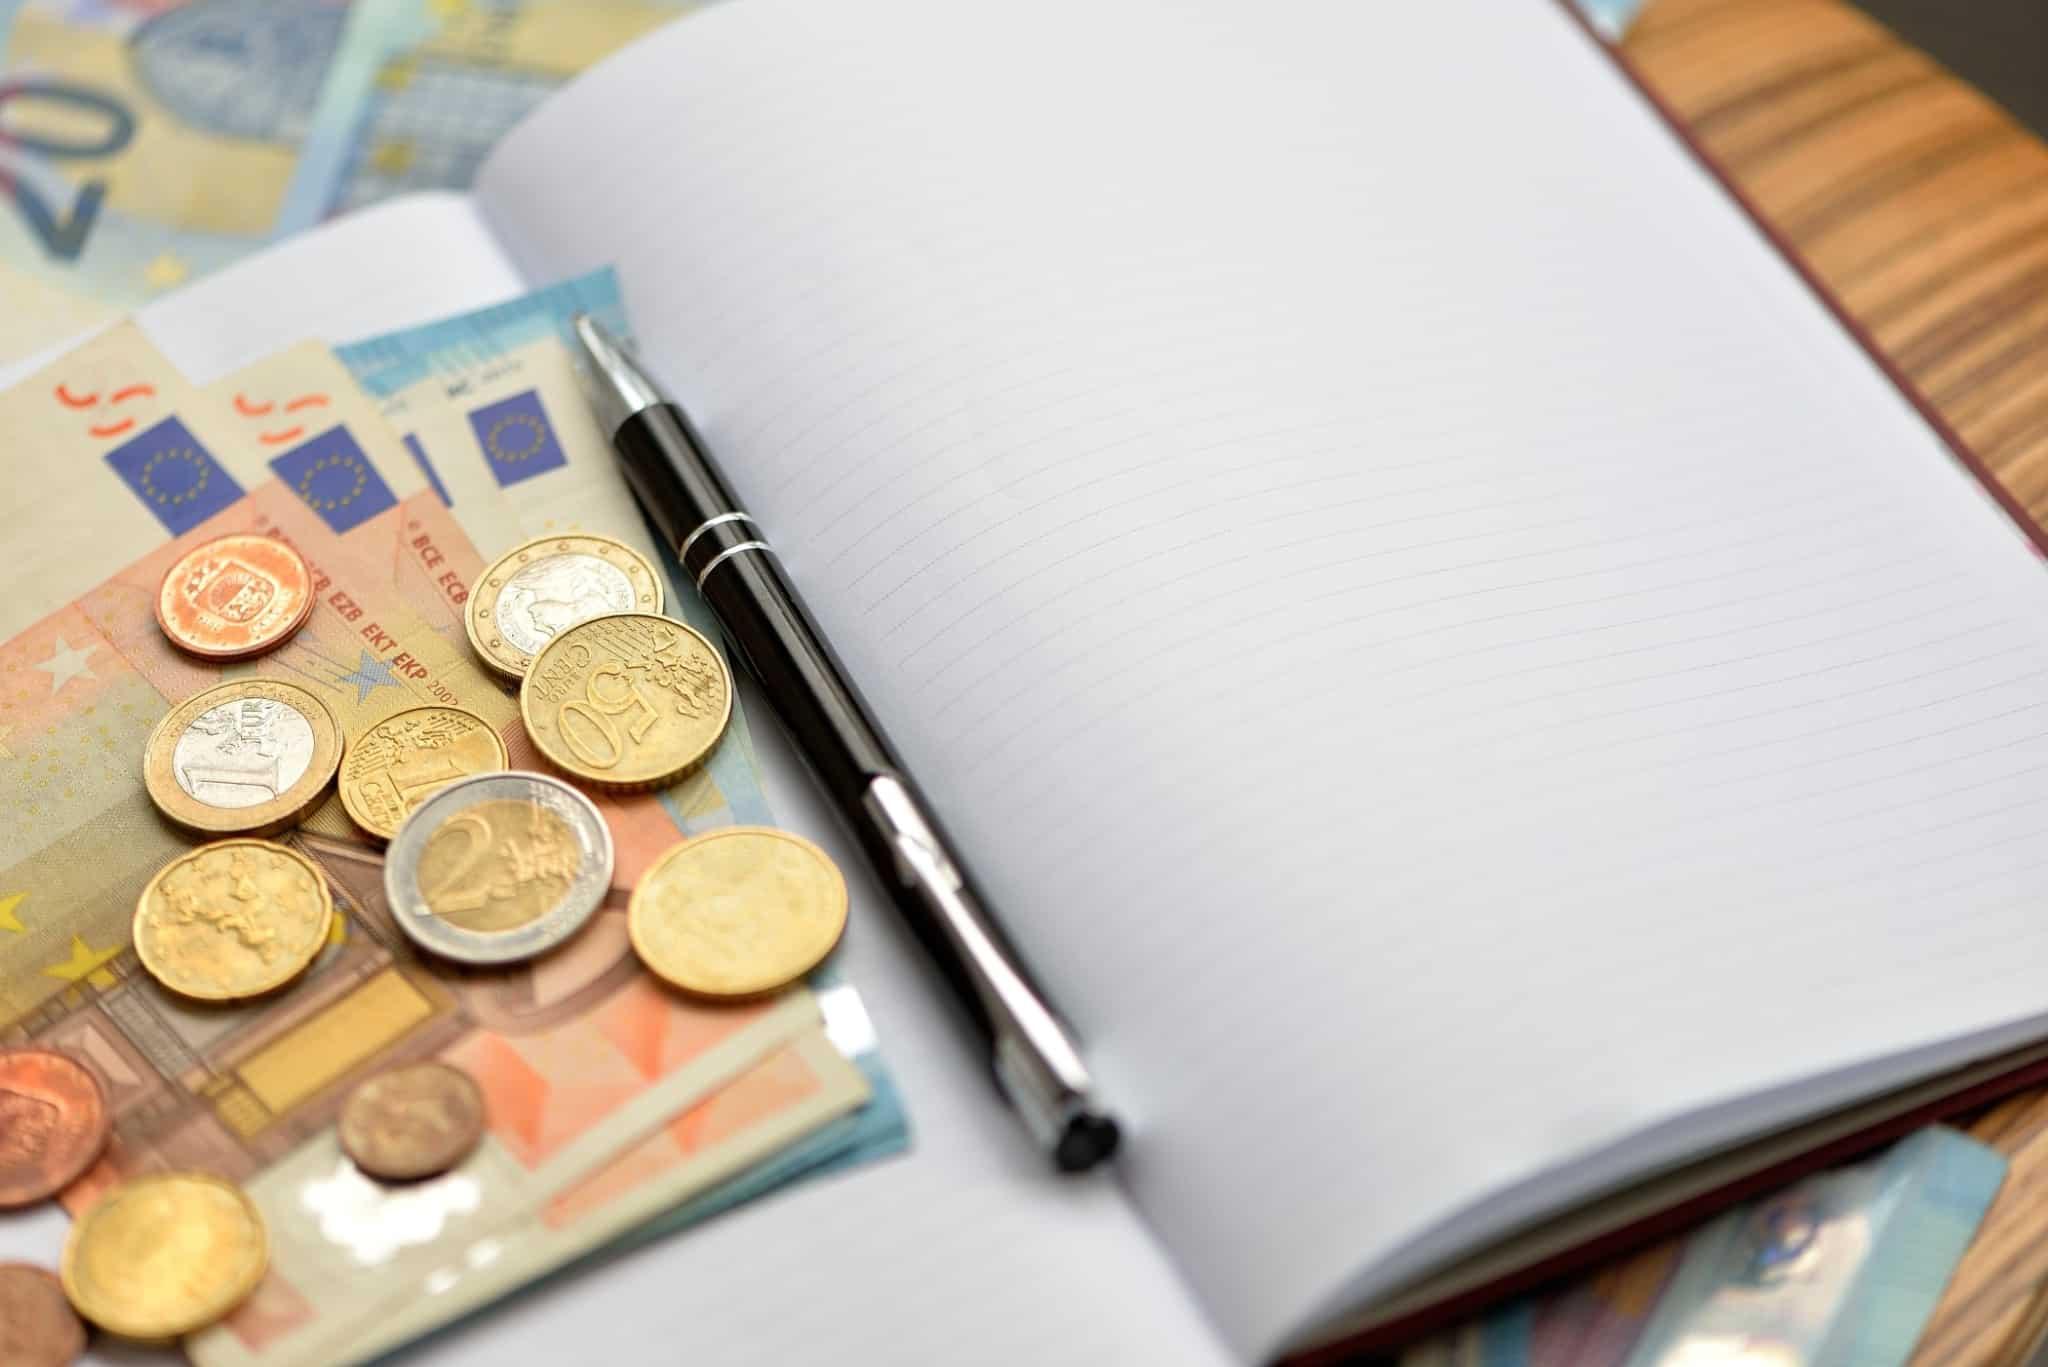 Bloco de notas com uma caneta e dinheiro em cima